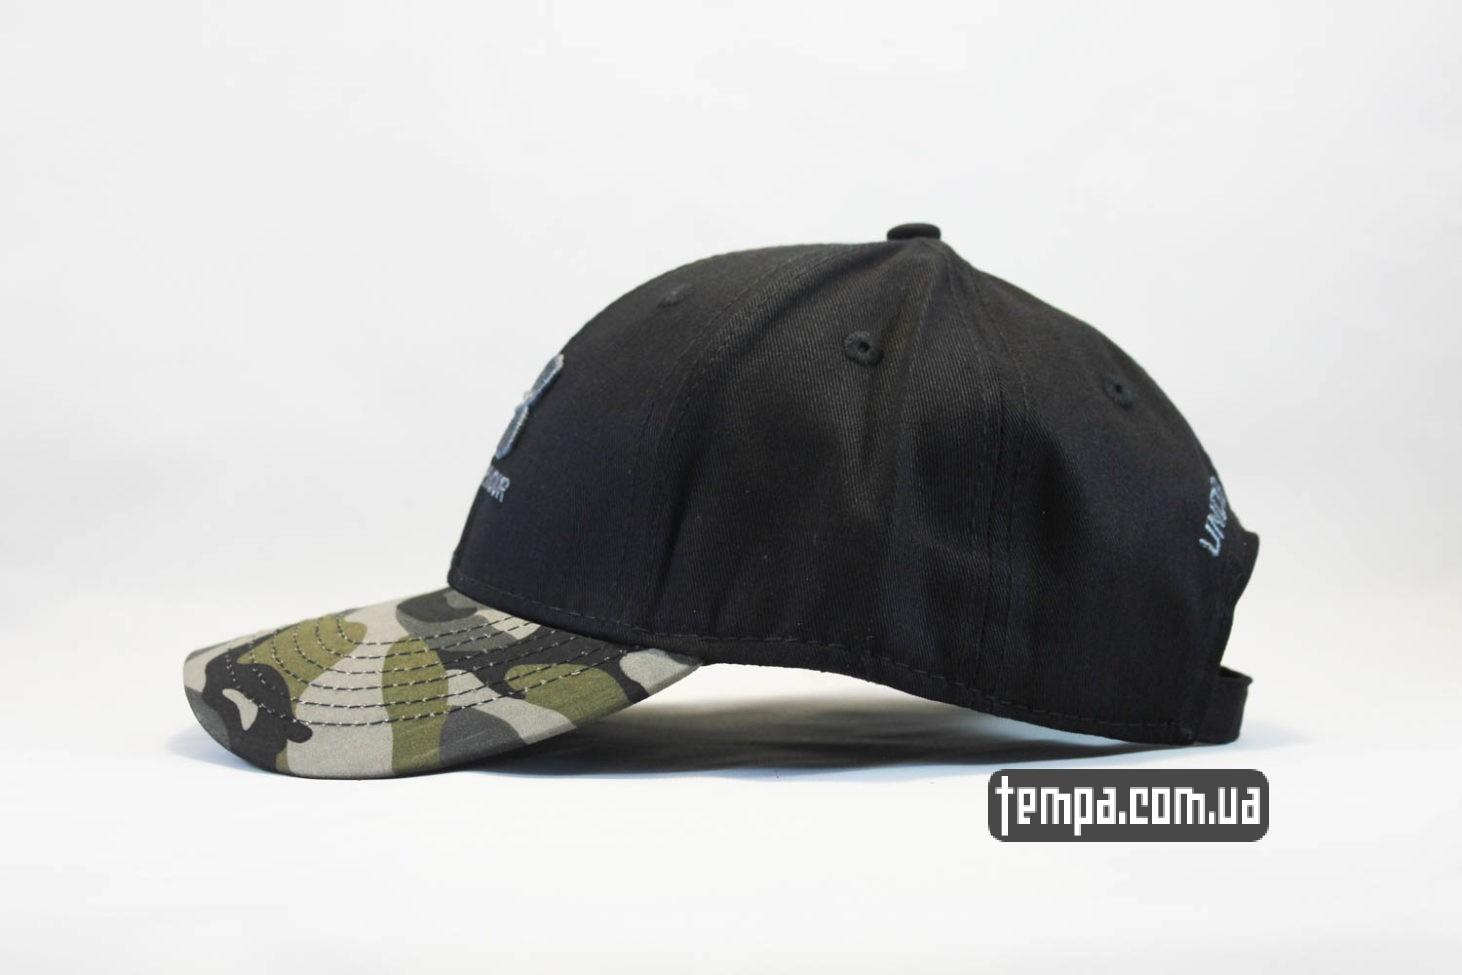 Кепка бейсболка Under Armour USA Military военная купить | Tempa